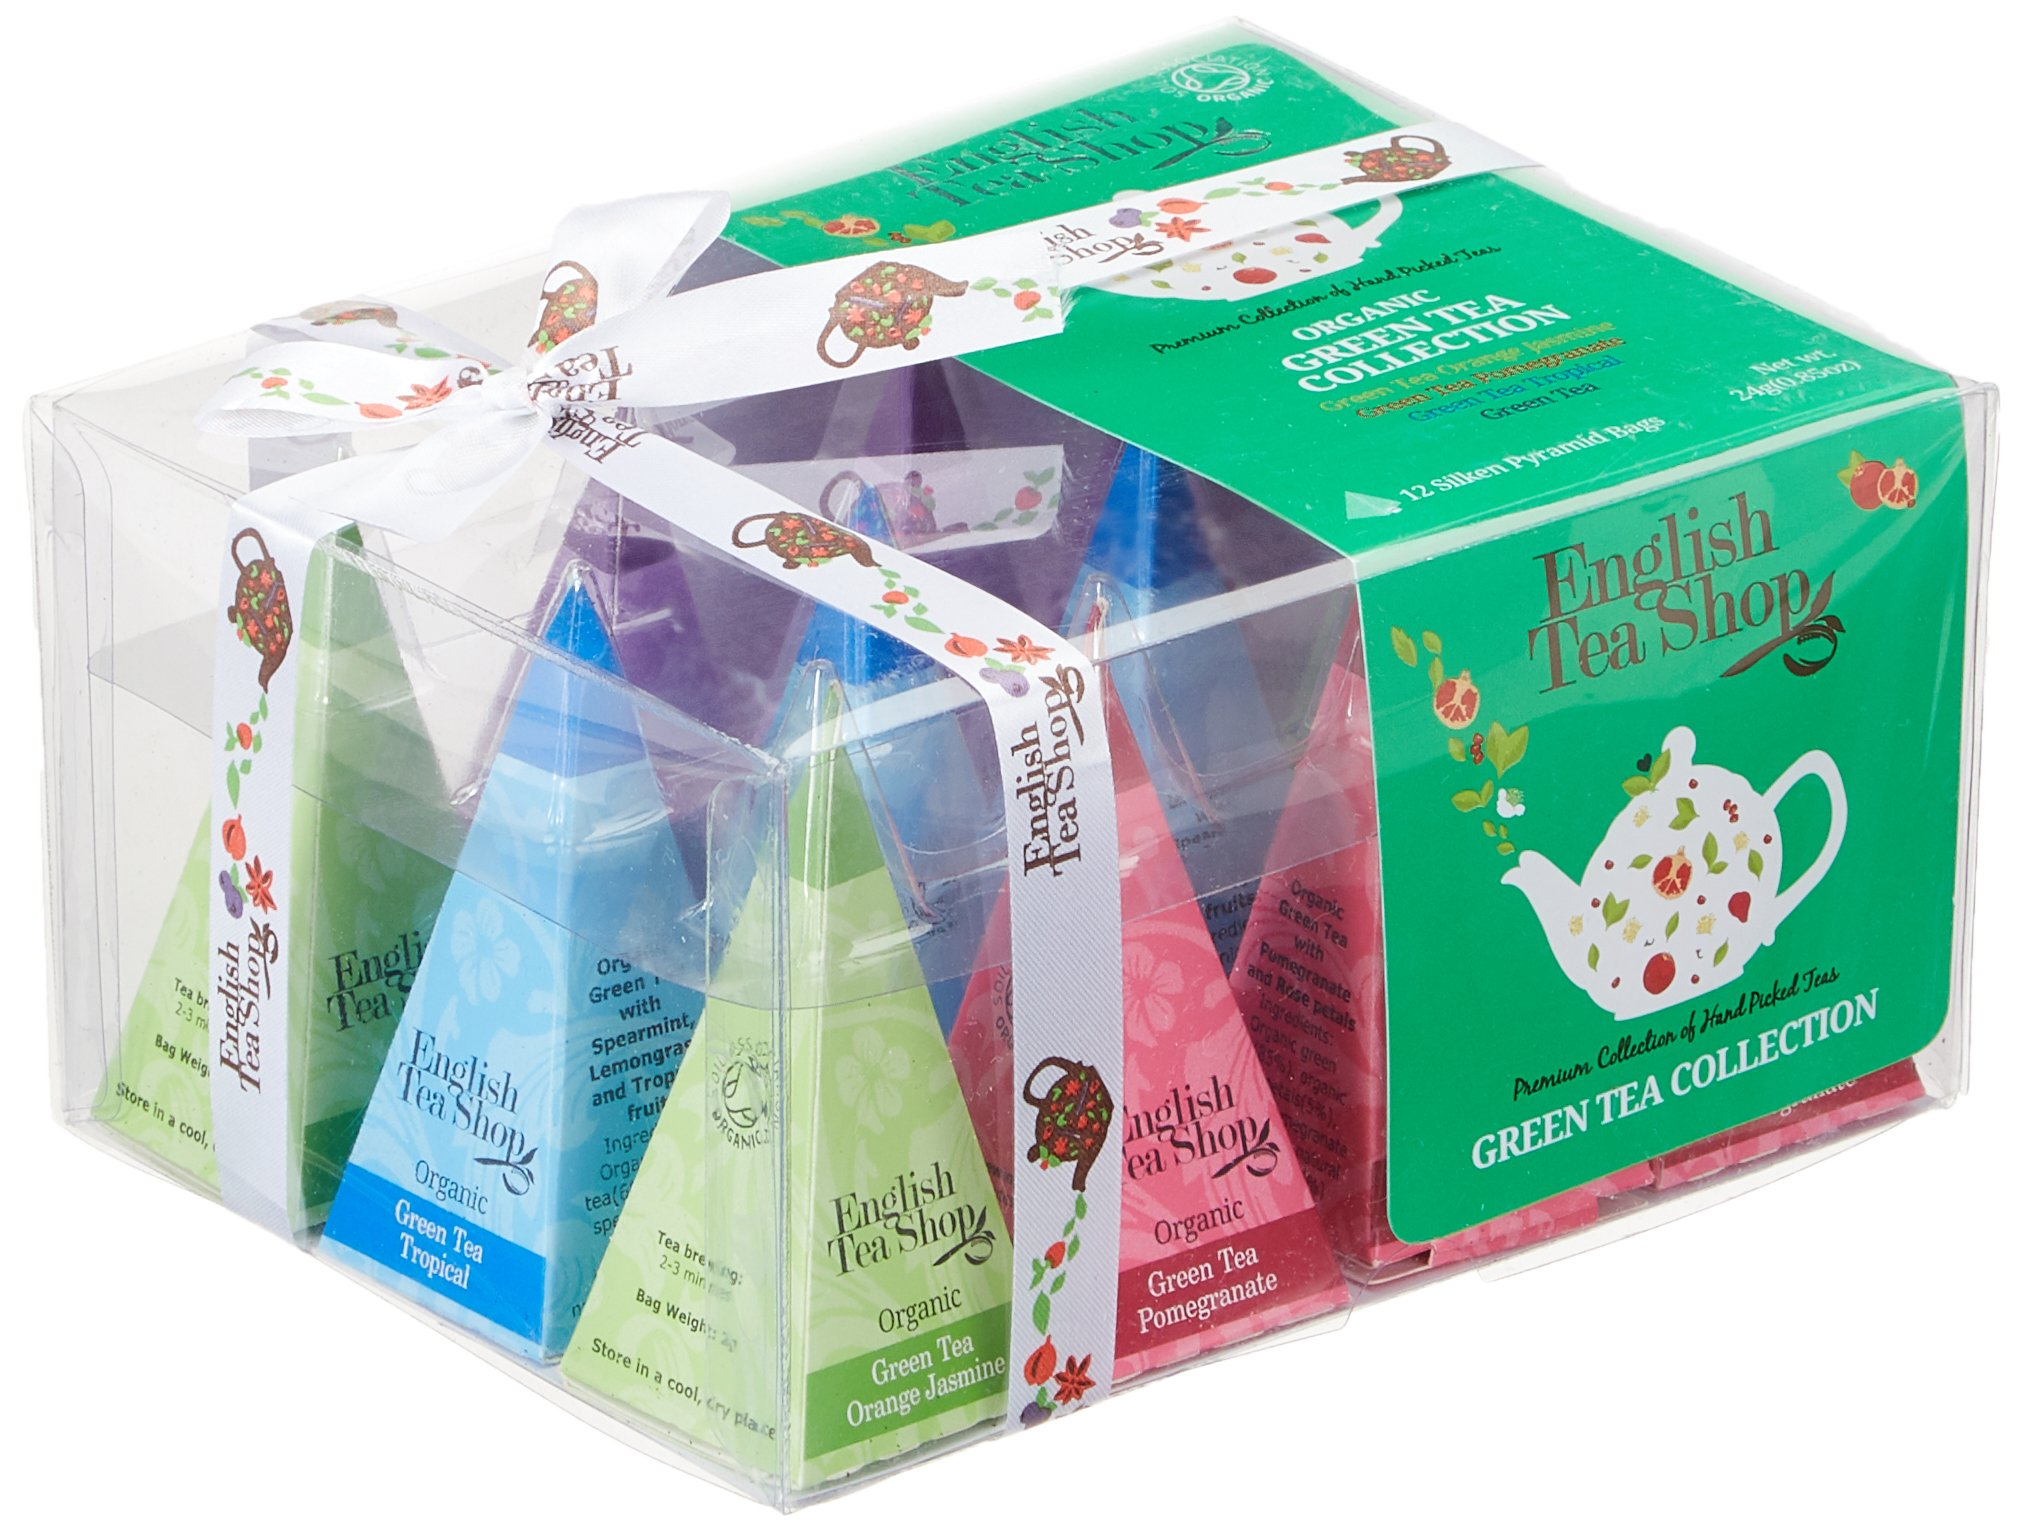 English-Tea-Shop-Teegeschenk-mit-SchleifeGrner-Tee-Kollektion-BIO-12-Pyramiden-Beutel